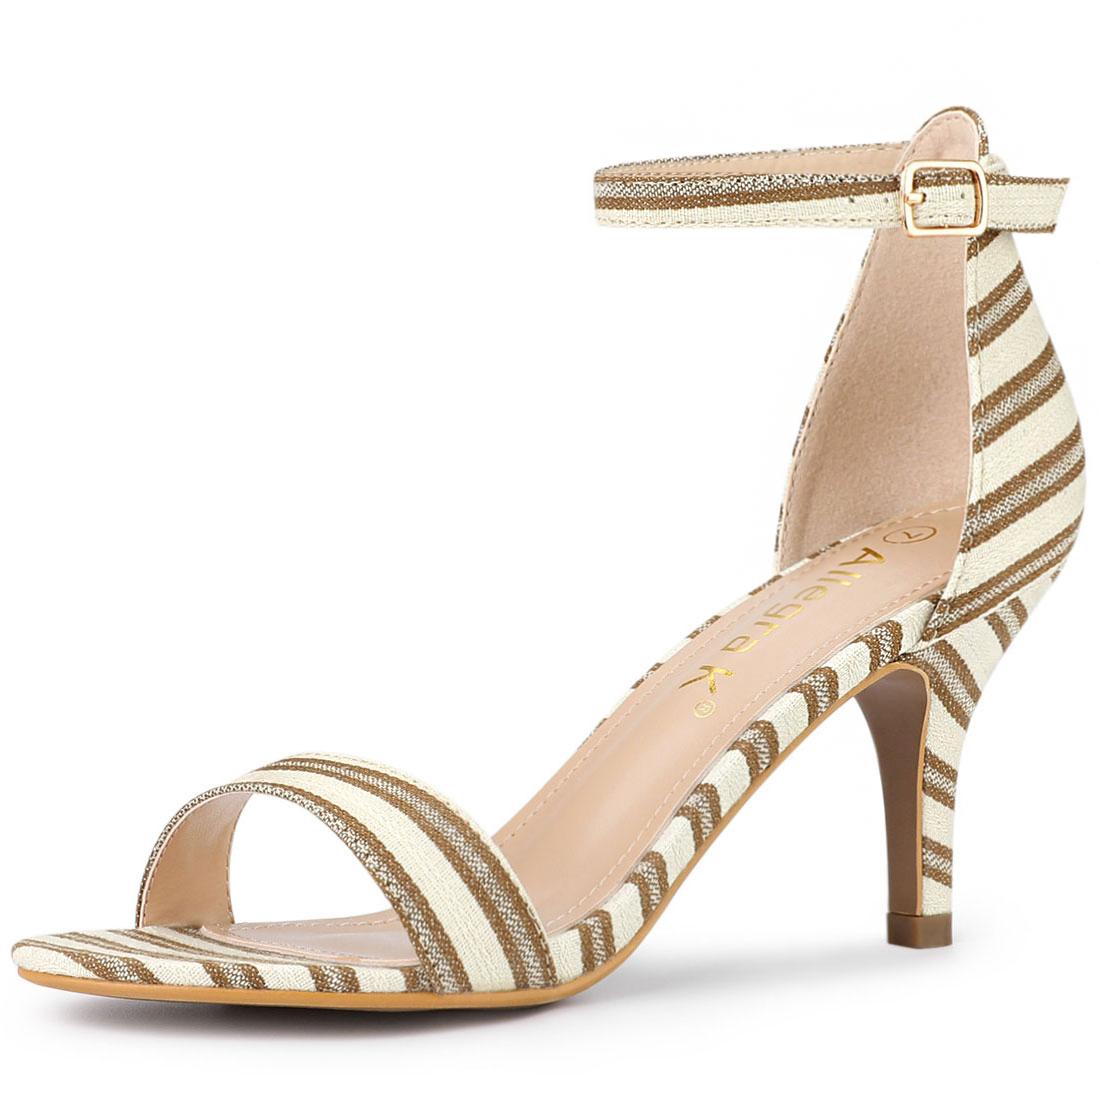 Allegra K Women's Stripe Ankle Strap Stiletto Heel Sandals Brown US 7